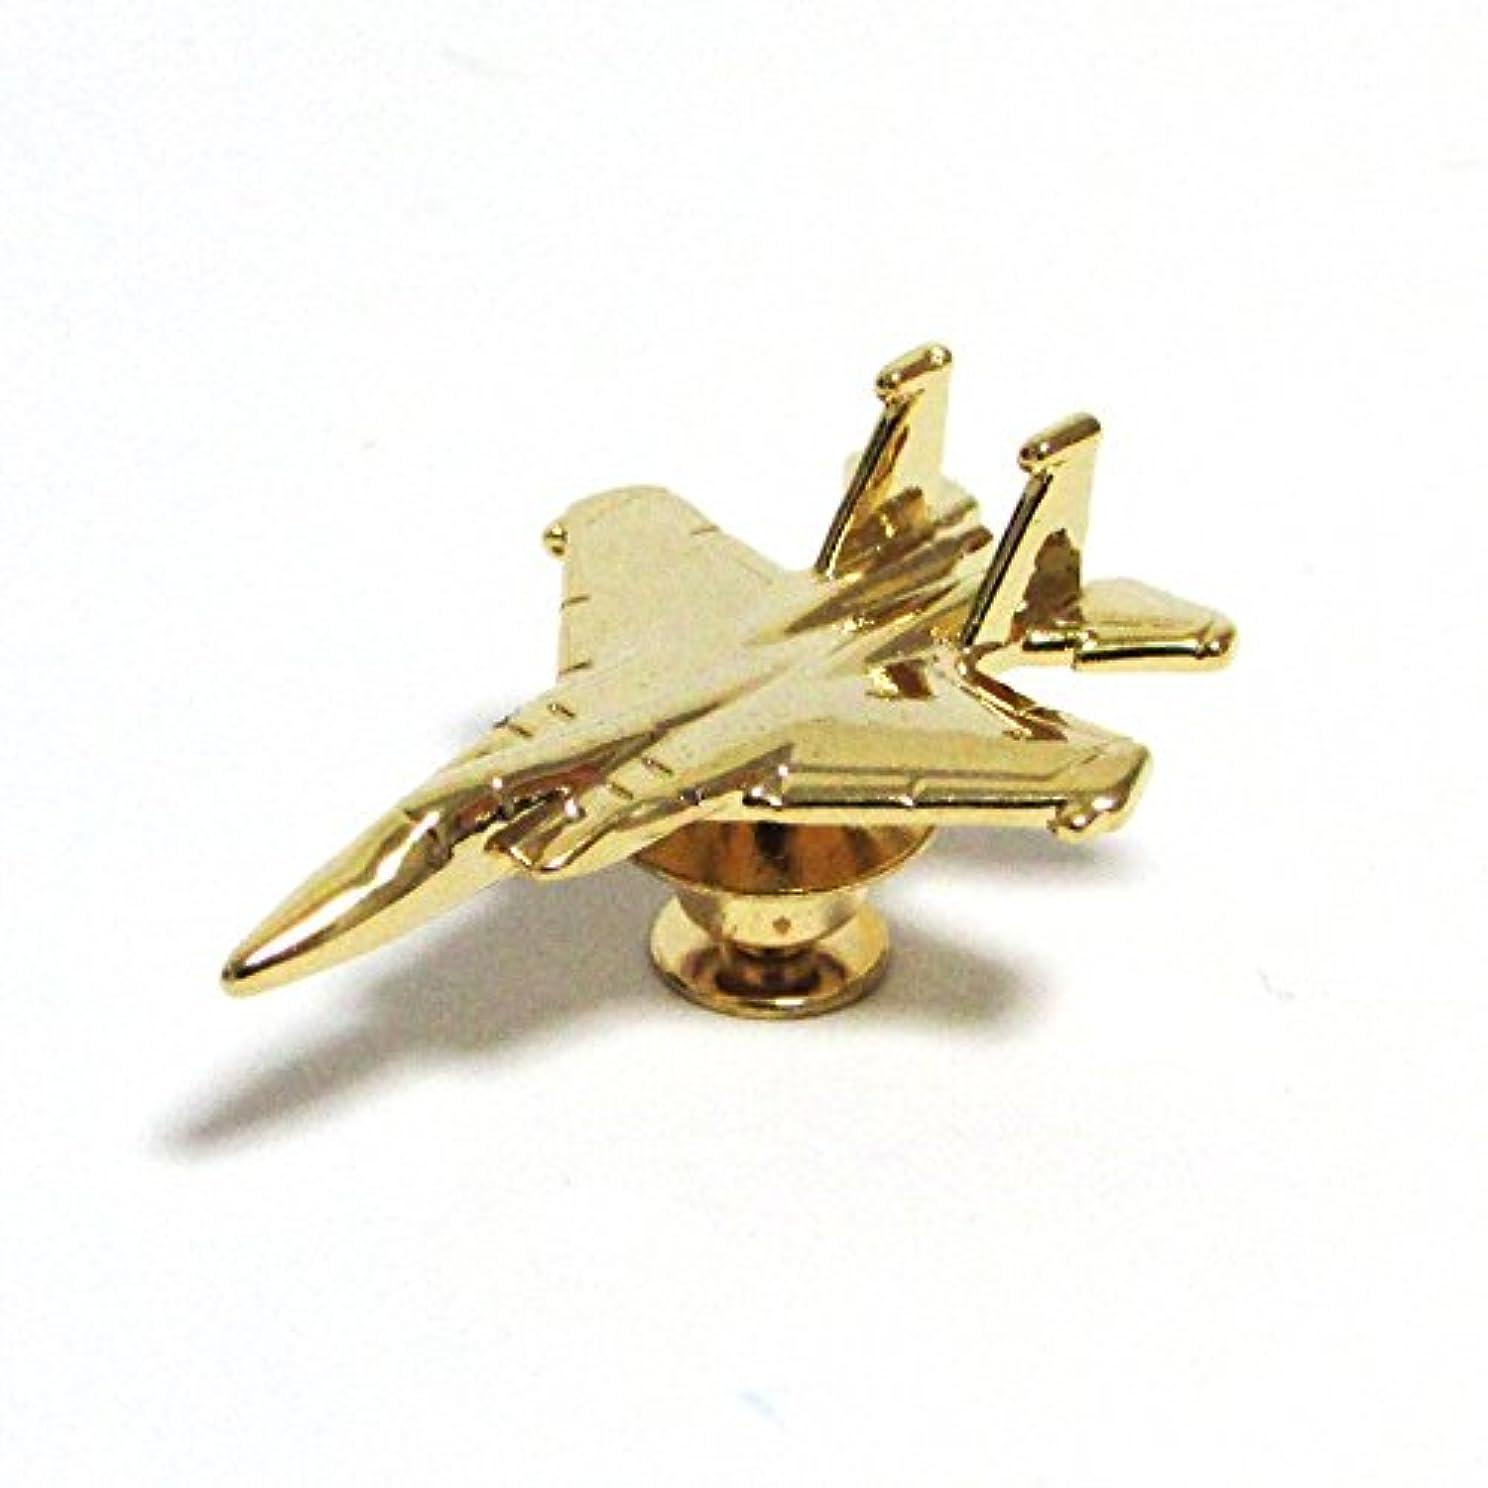 戦士手紙を書く情緒的自衛隊グッズ ピンズ 空自戦闘機 3Dピンバッジ F15 ゴールド